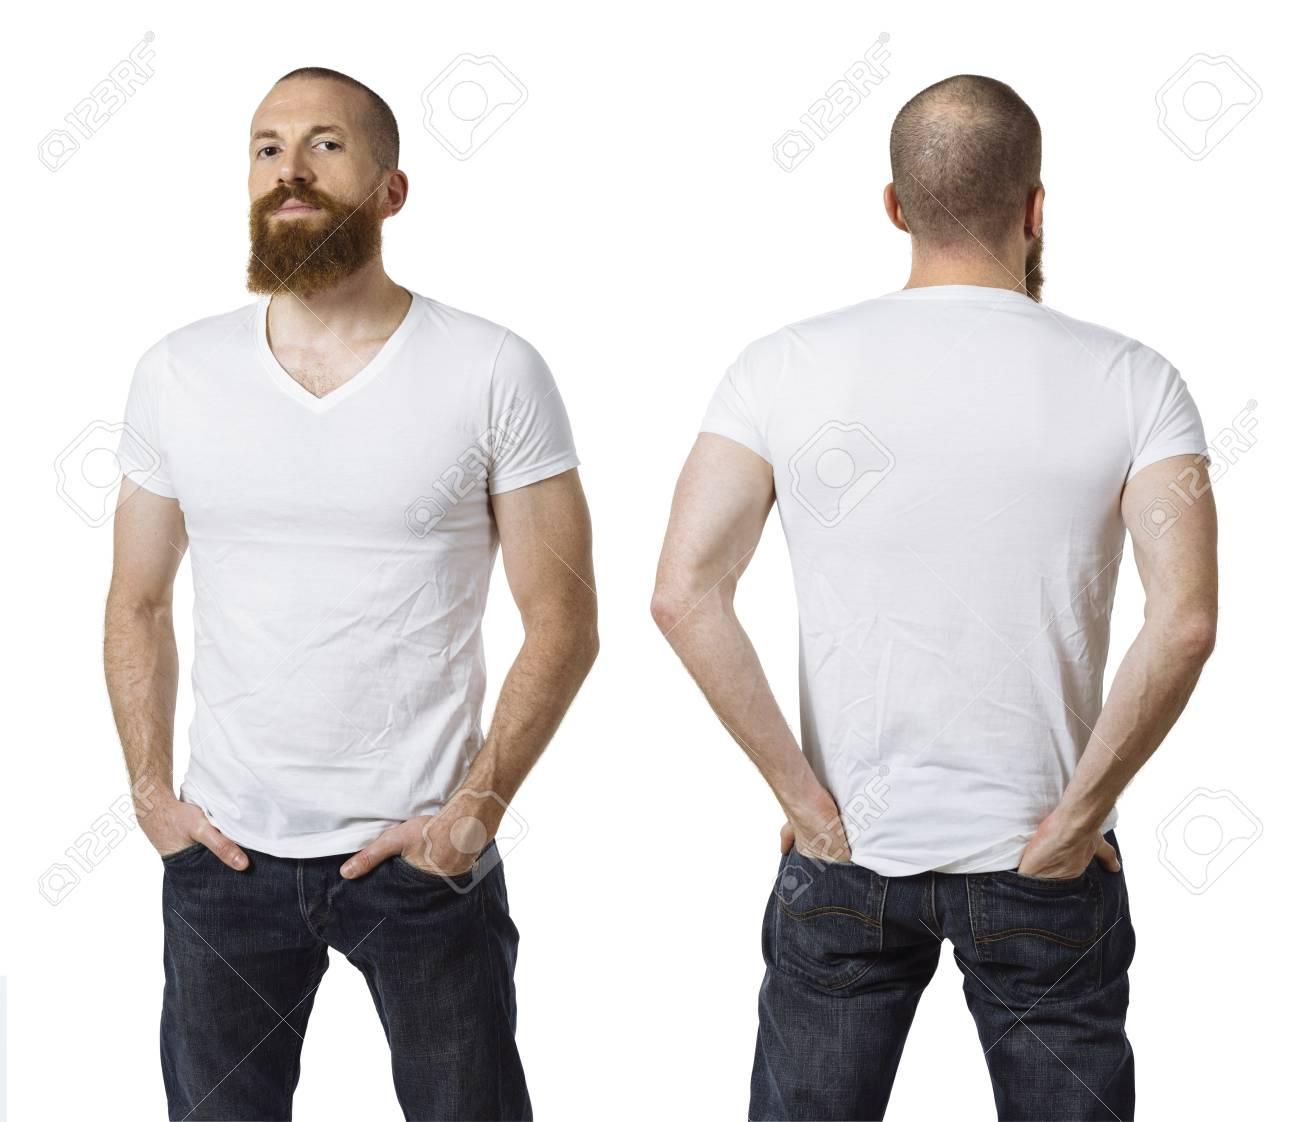 valor por dinero rebajas(mk) gran selección de 2019 Foto de un hombre con barba y con una camiseta blanca en blanco, delante y  detrás. Listo para su diseño o obra de arte.